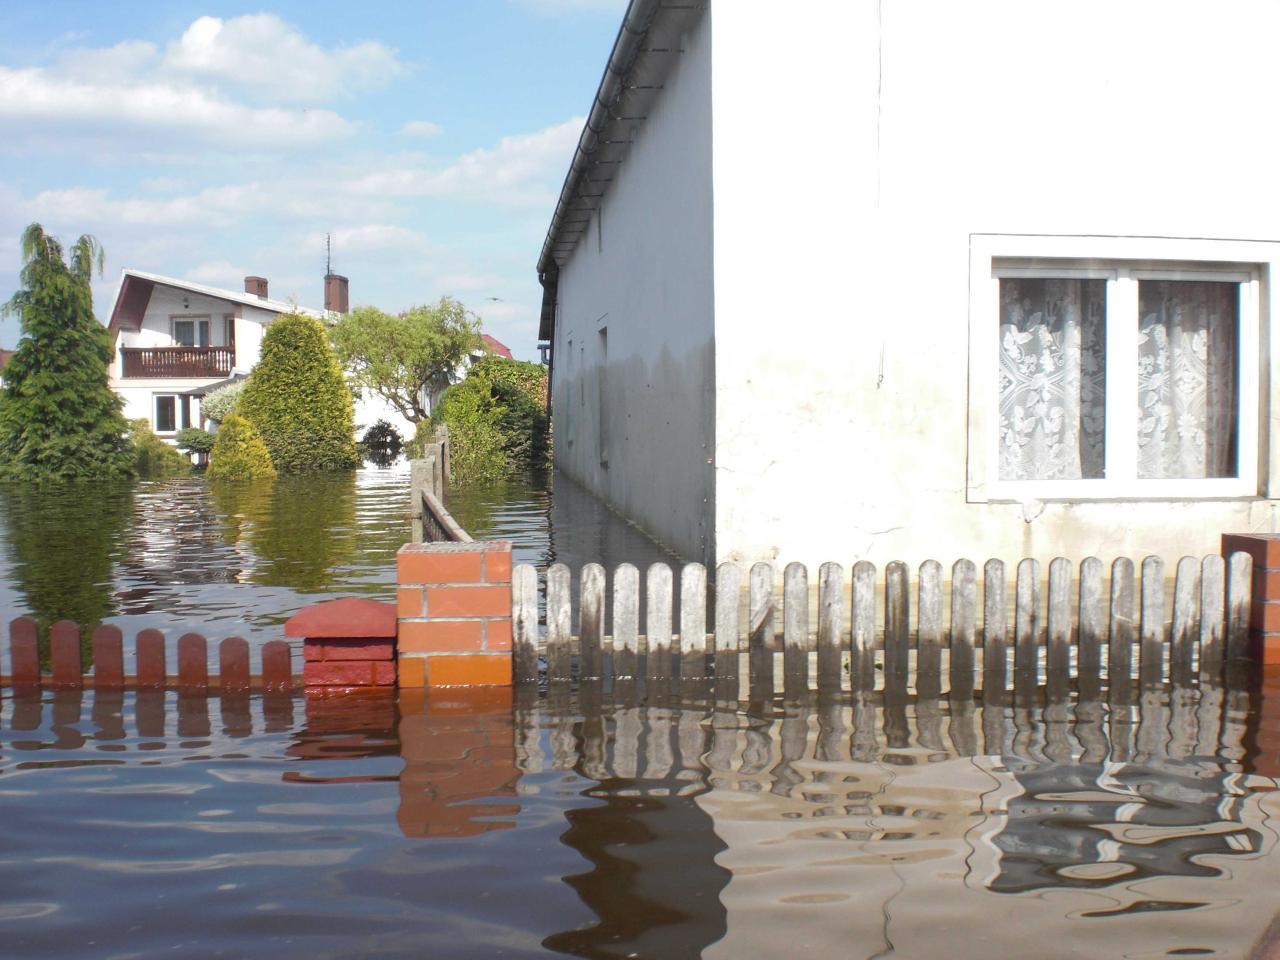 Branchenverzeichnis Schutz vor Hochwasser Schutz vor Sturzfluten Rückstau aus dem Kanalnetz Unwetter Starkregen Unwetterwarnung Elementarschadenversicherung